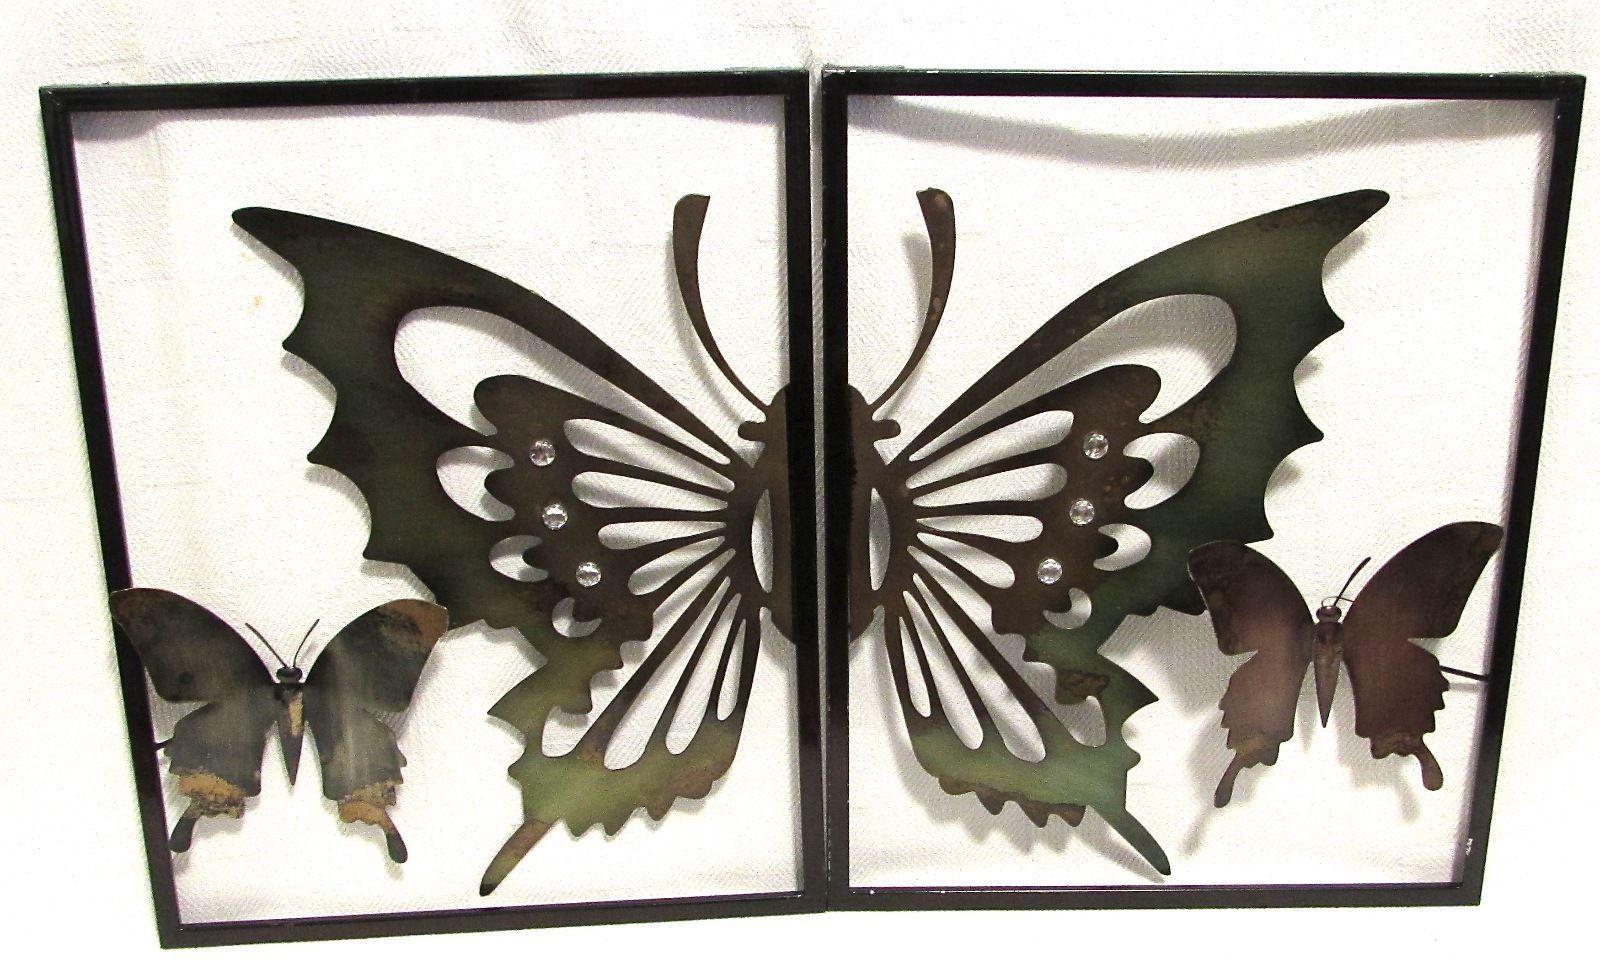 Two-Piece Metal Wall Art Winged Butterflies w/Rhinestone Embellished Wings